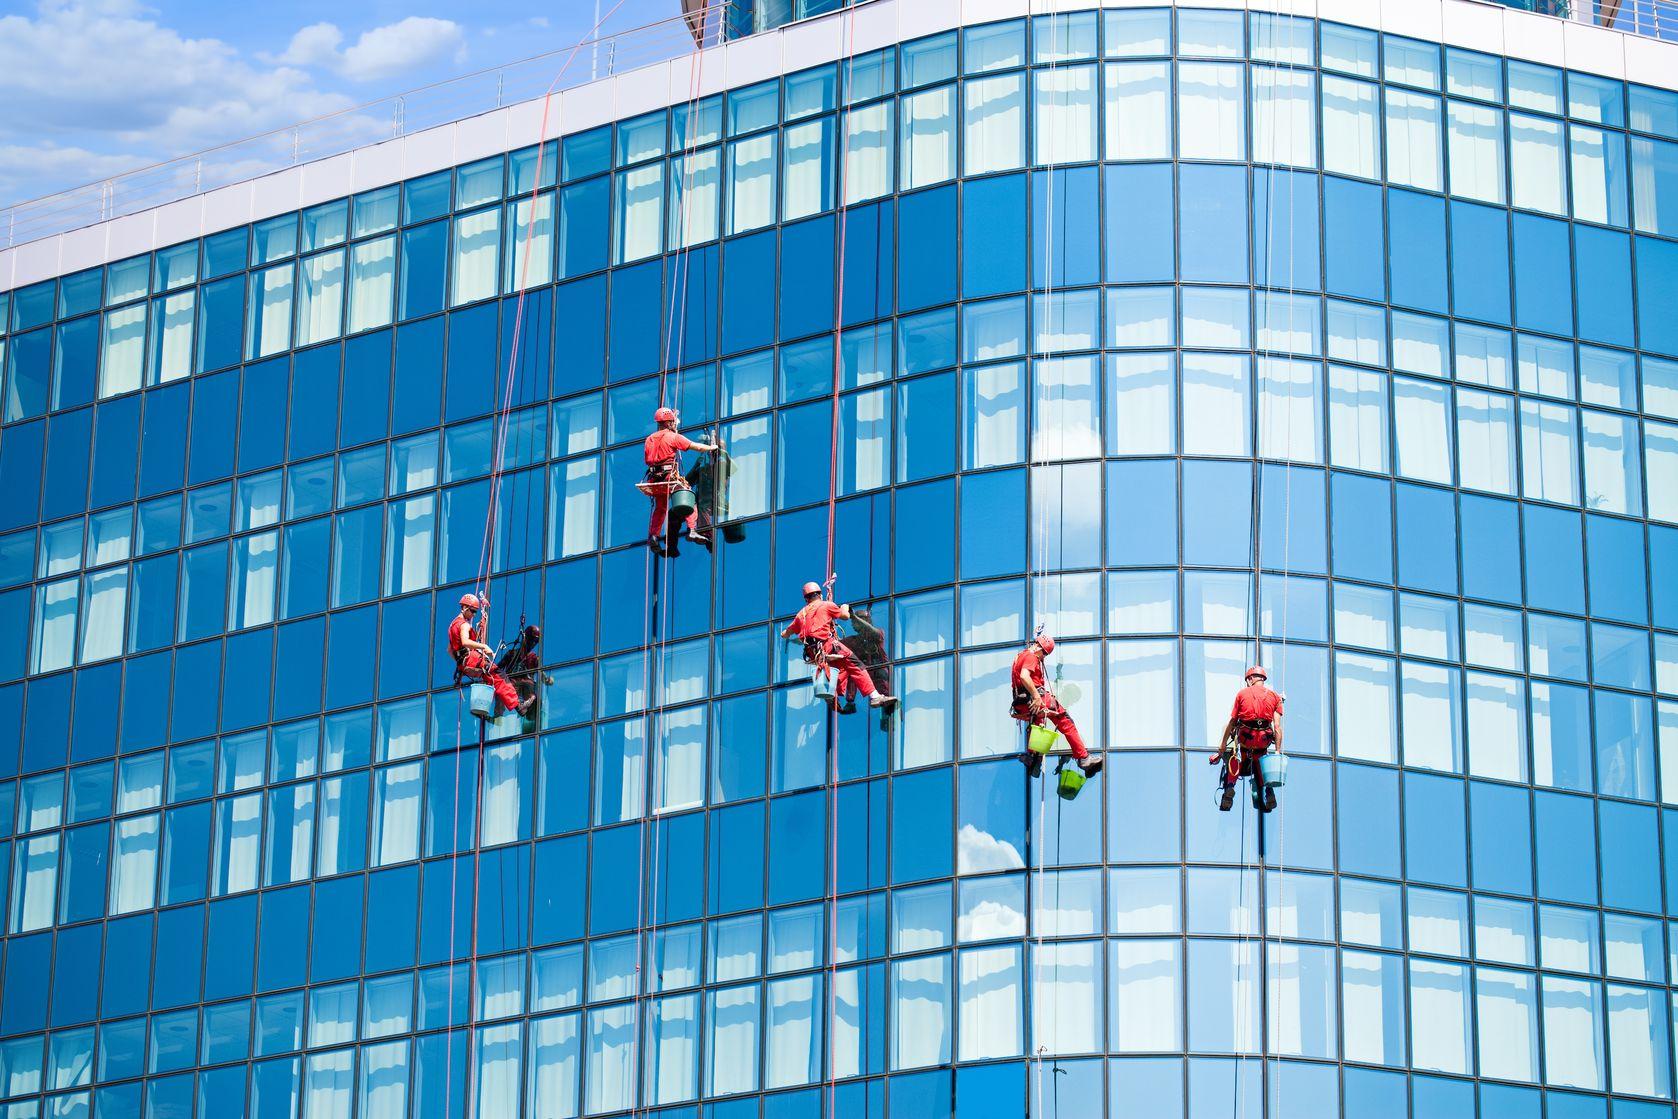 Các tiêu chí khi chọn công ty cung cấp dịch vụ lau kính